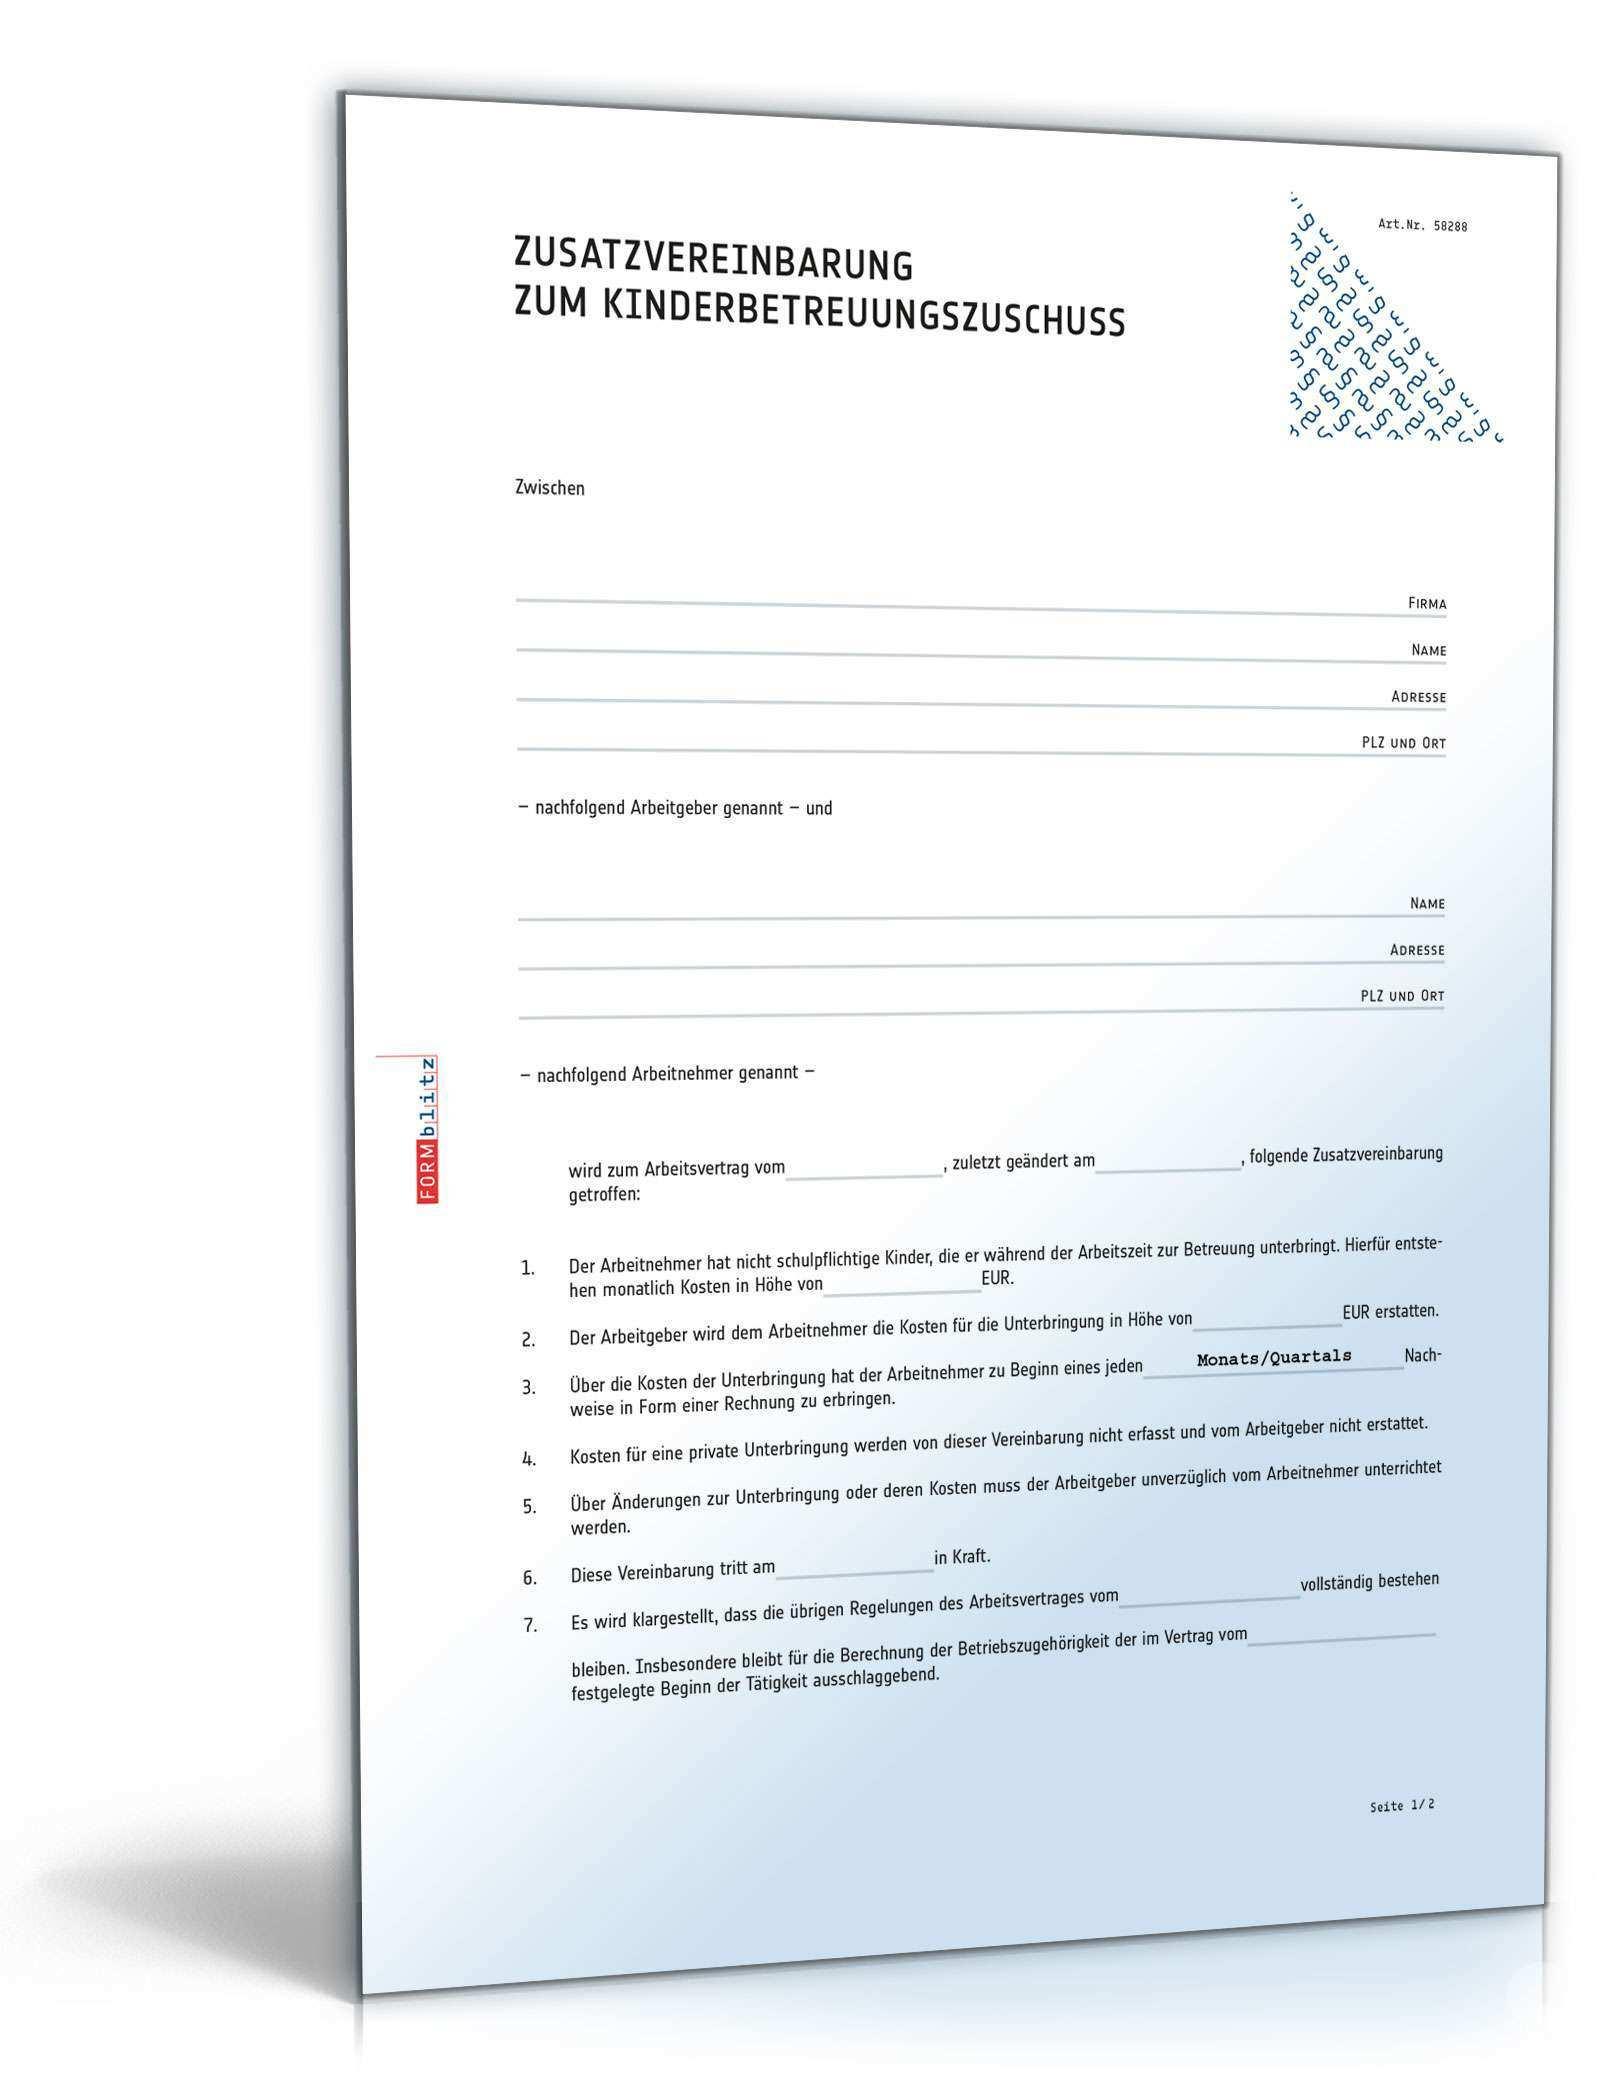 Zusatzvereinbarung Zum Kinderbetreuungszuschuss Muster Vorlage Zum Download